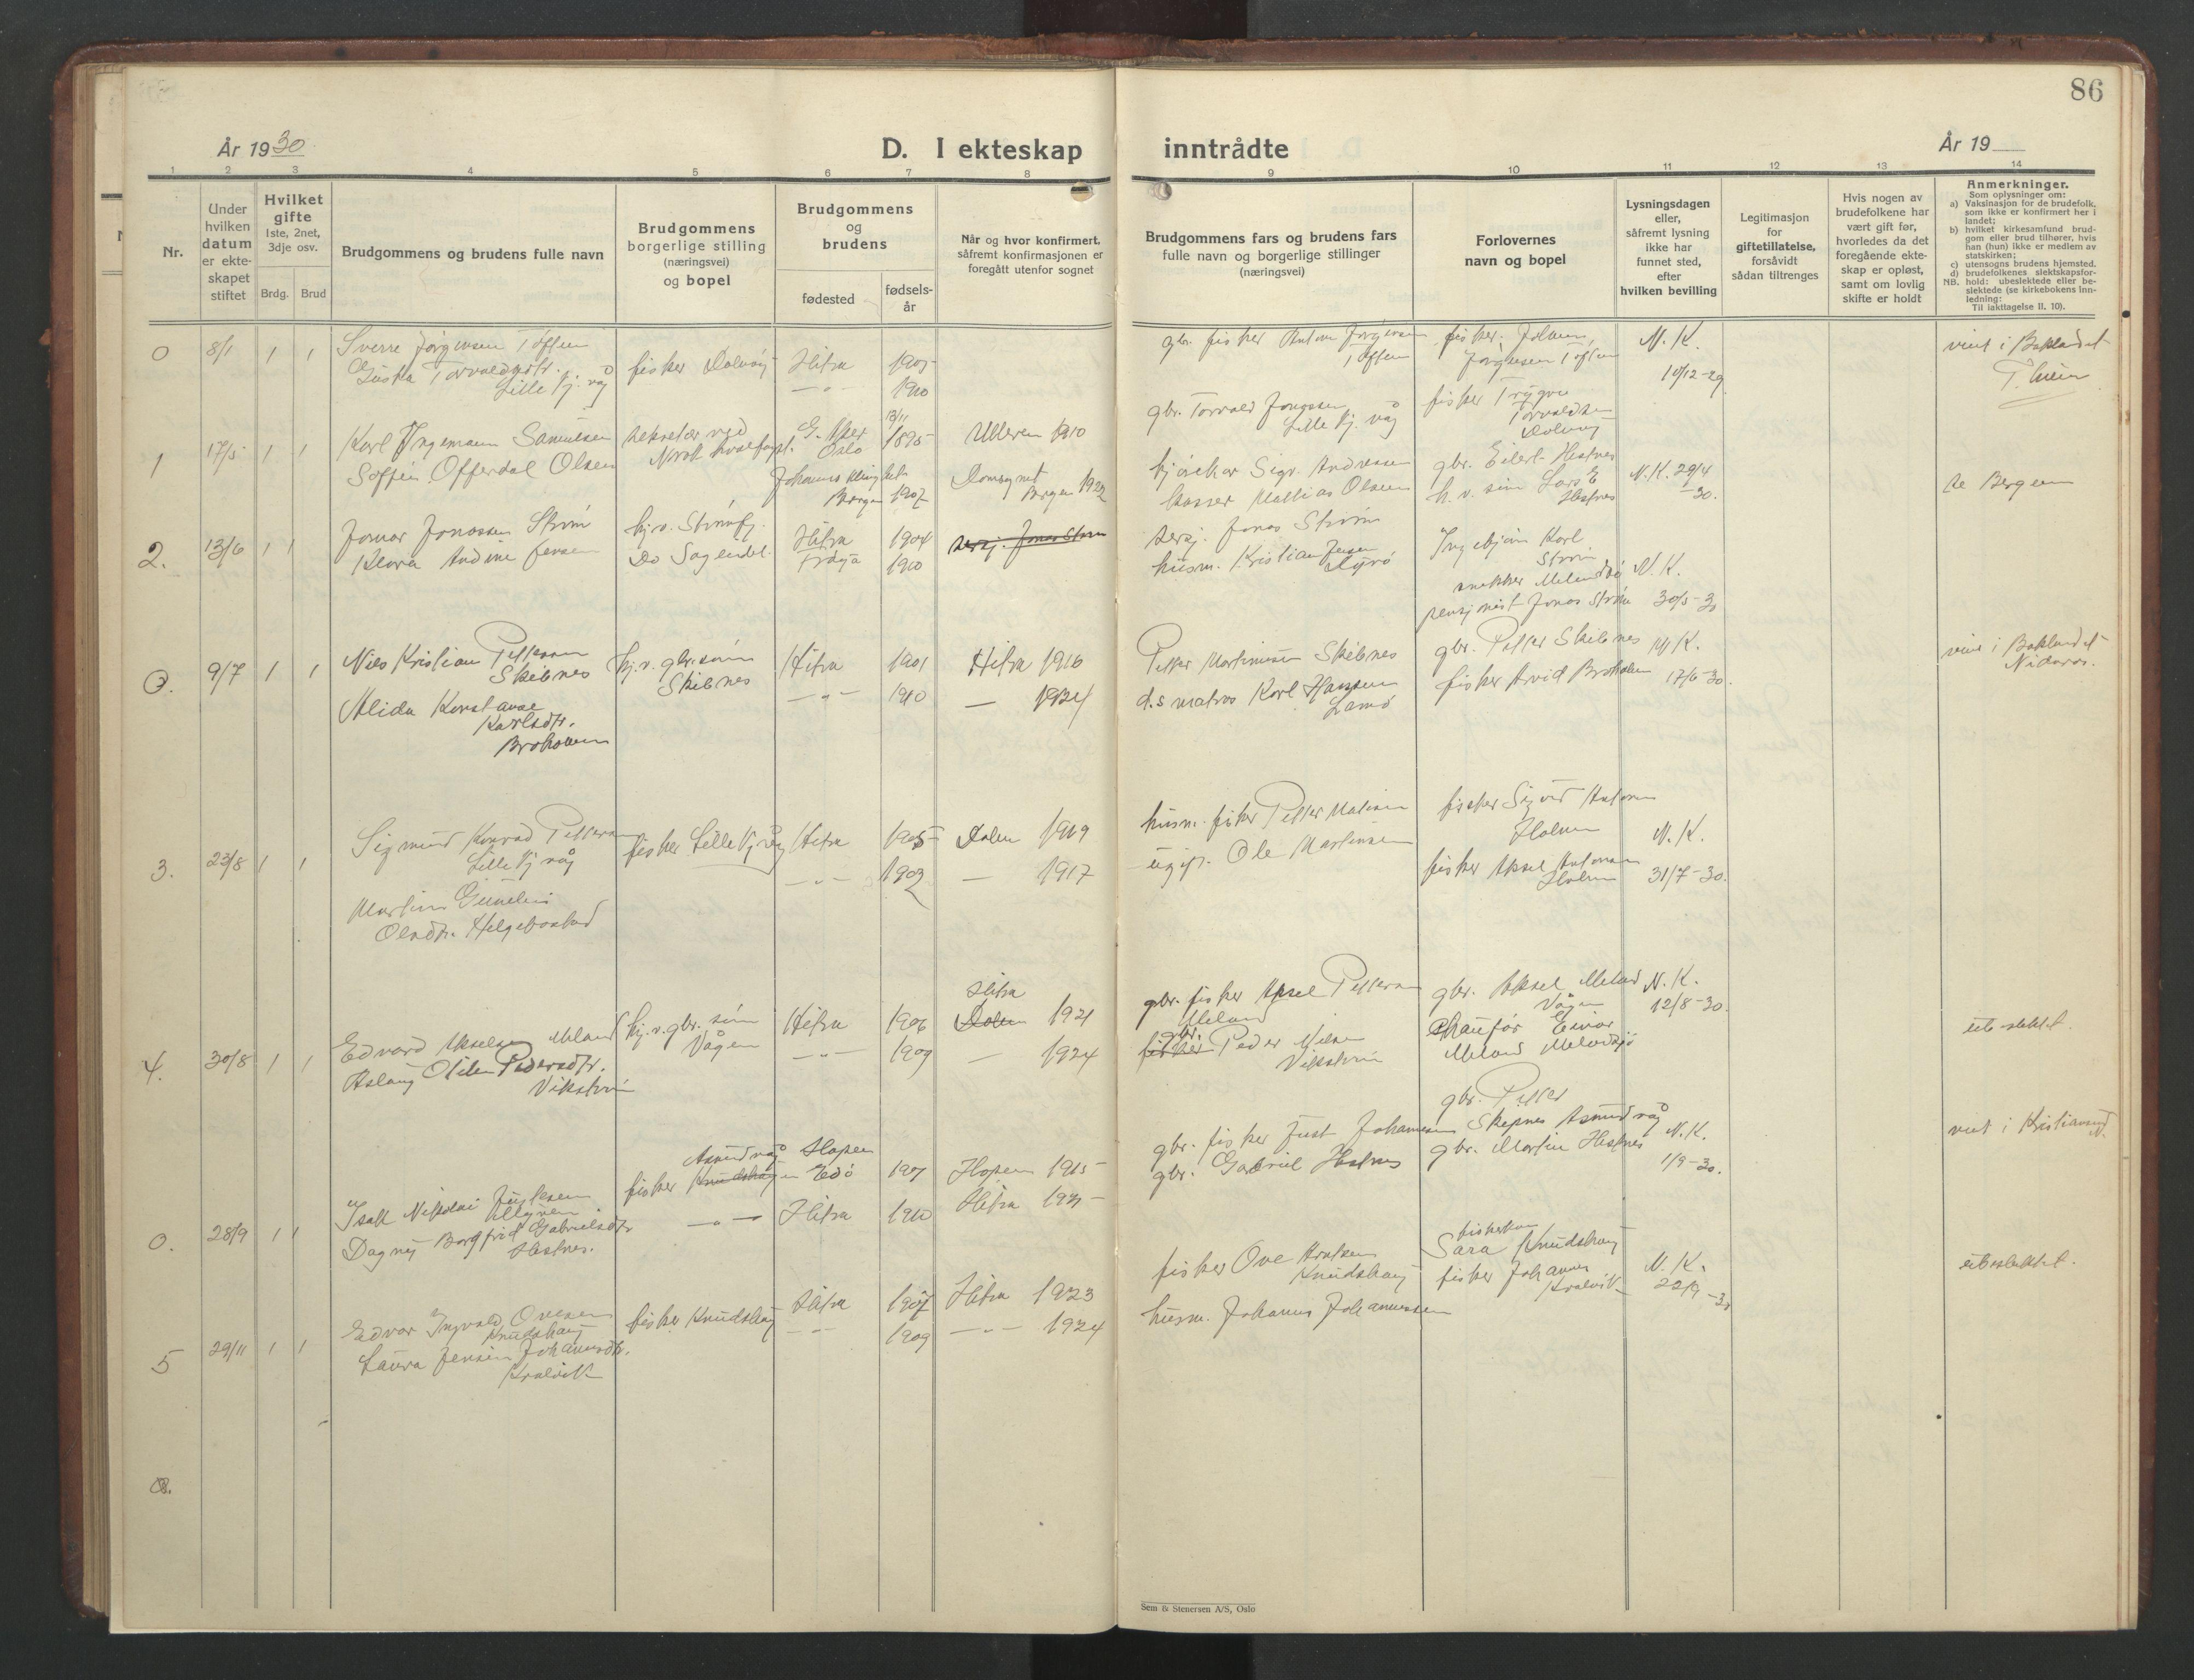 SAT, Ministerialprotokoller, klokkerbøker og fødselsregistre - Sør-Trøndelag, 634/L0544: Klokkerbok nr. 634C06, 1927-1948, s. 86